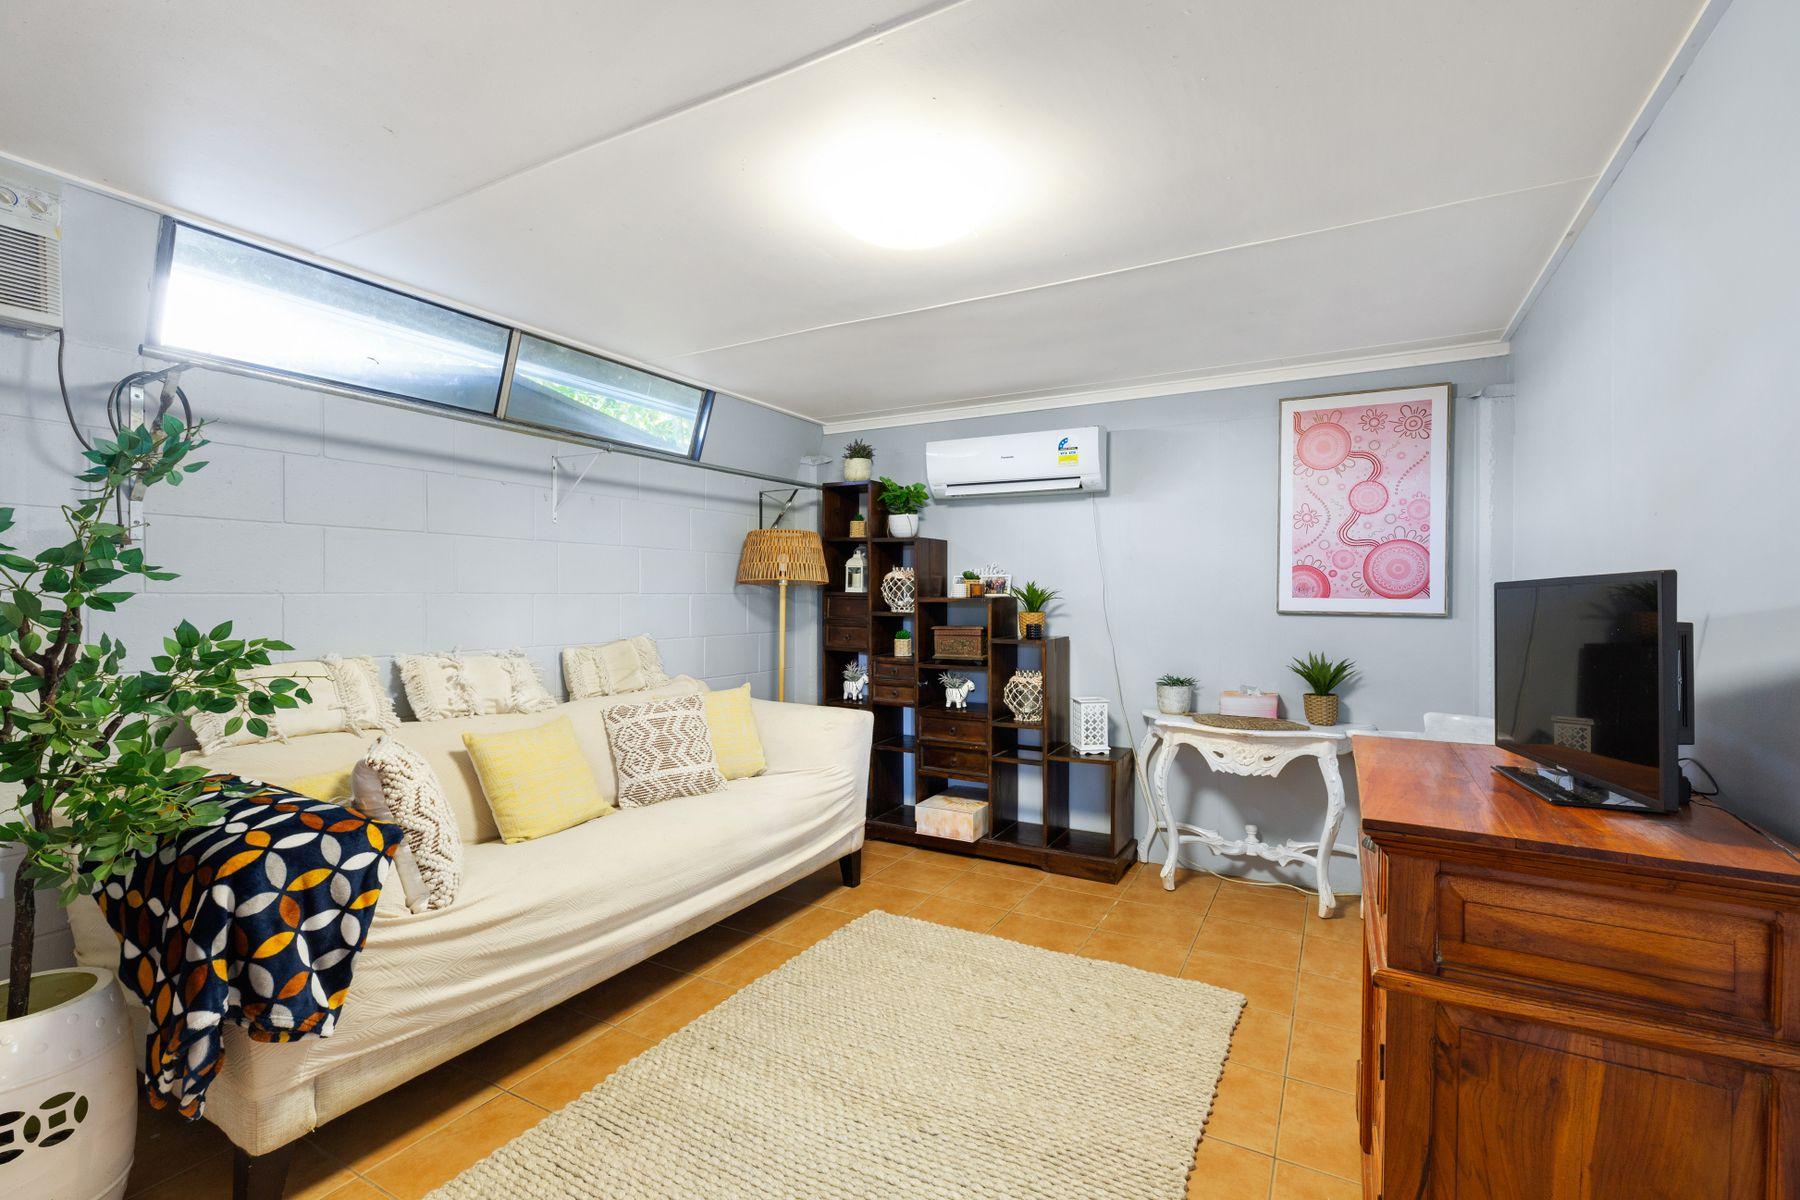 22 Jones Street, Mighell, QLD 4860